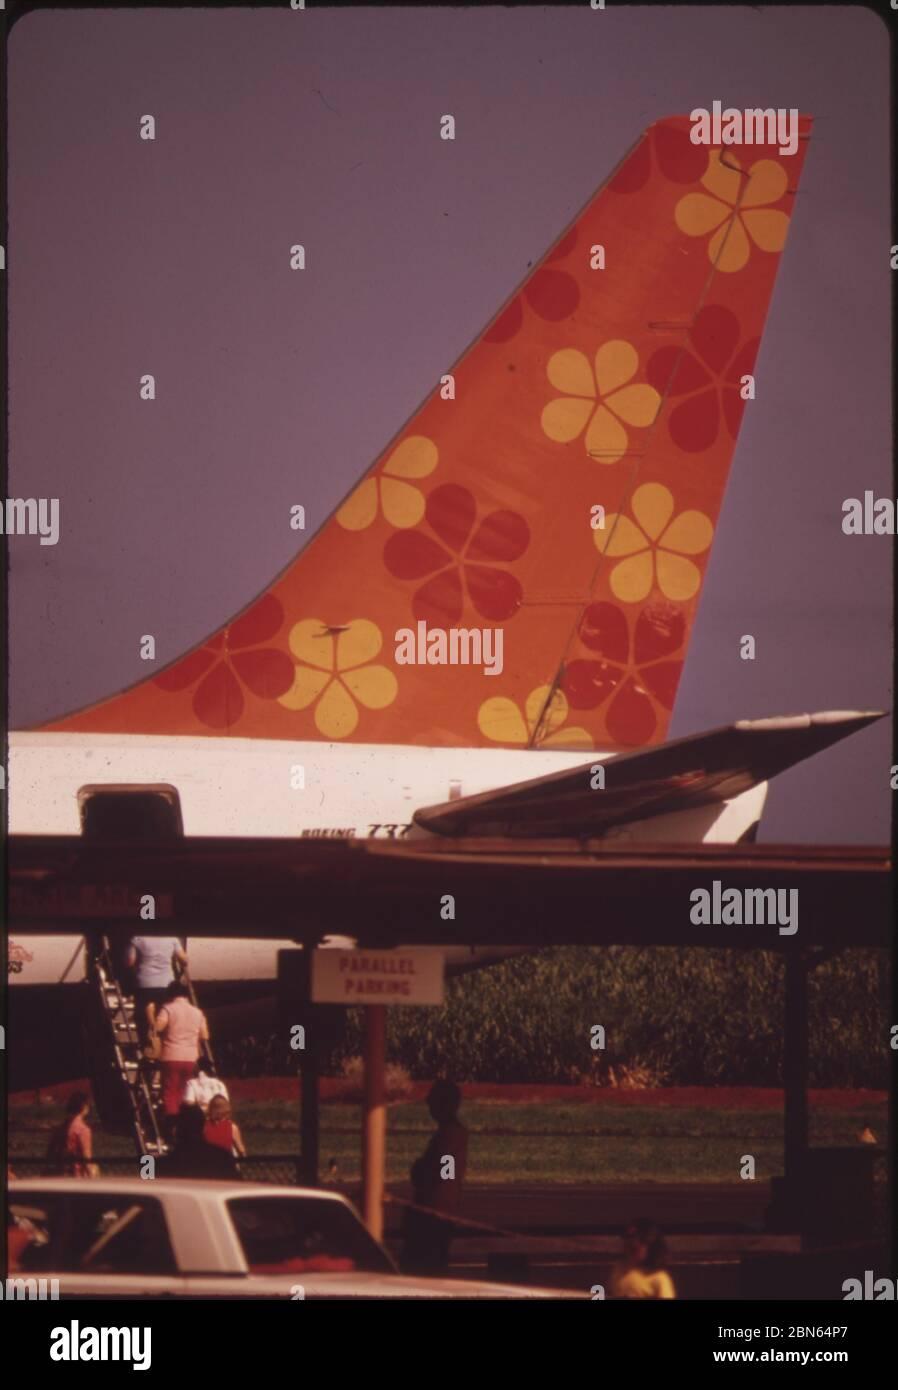 Aloha Airlines en una de las dos principales aerolíneas que conectan las islas, octubre de 1973 por los Archivos nacionales de los Estados Unidos Foto de stock